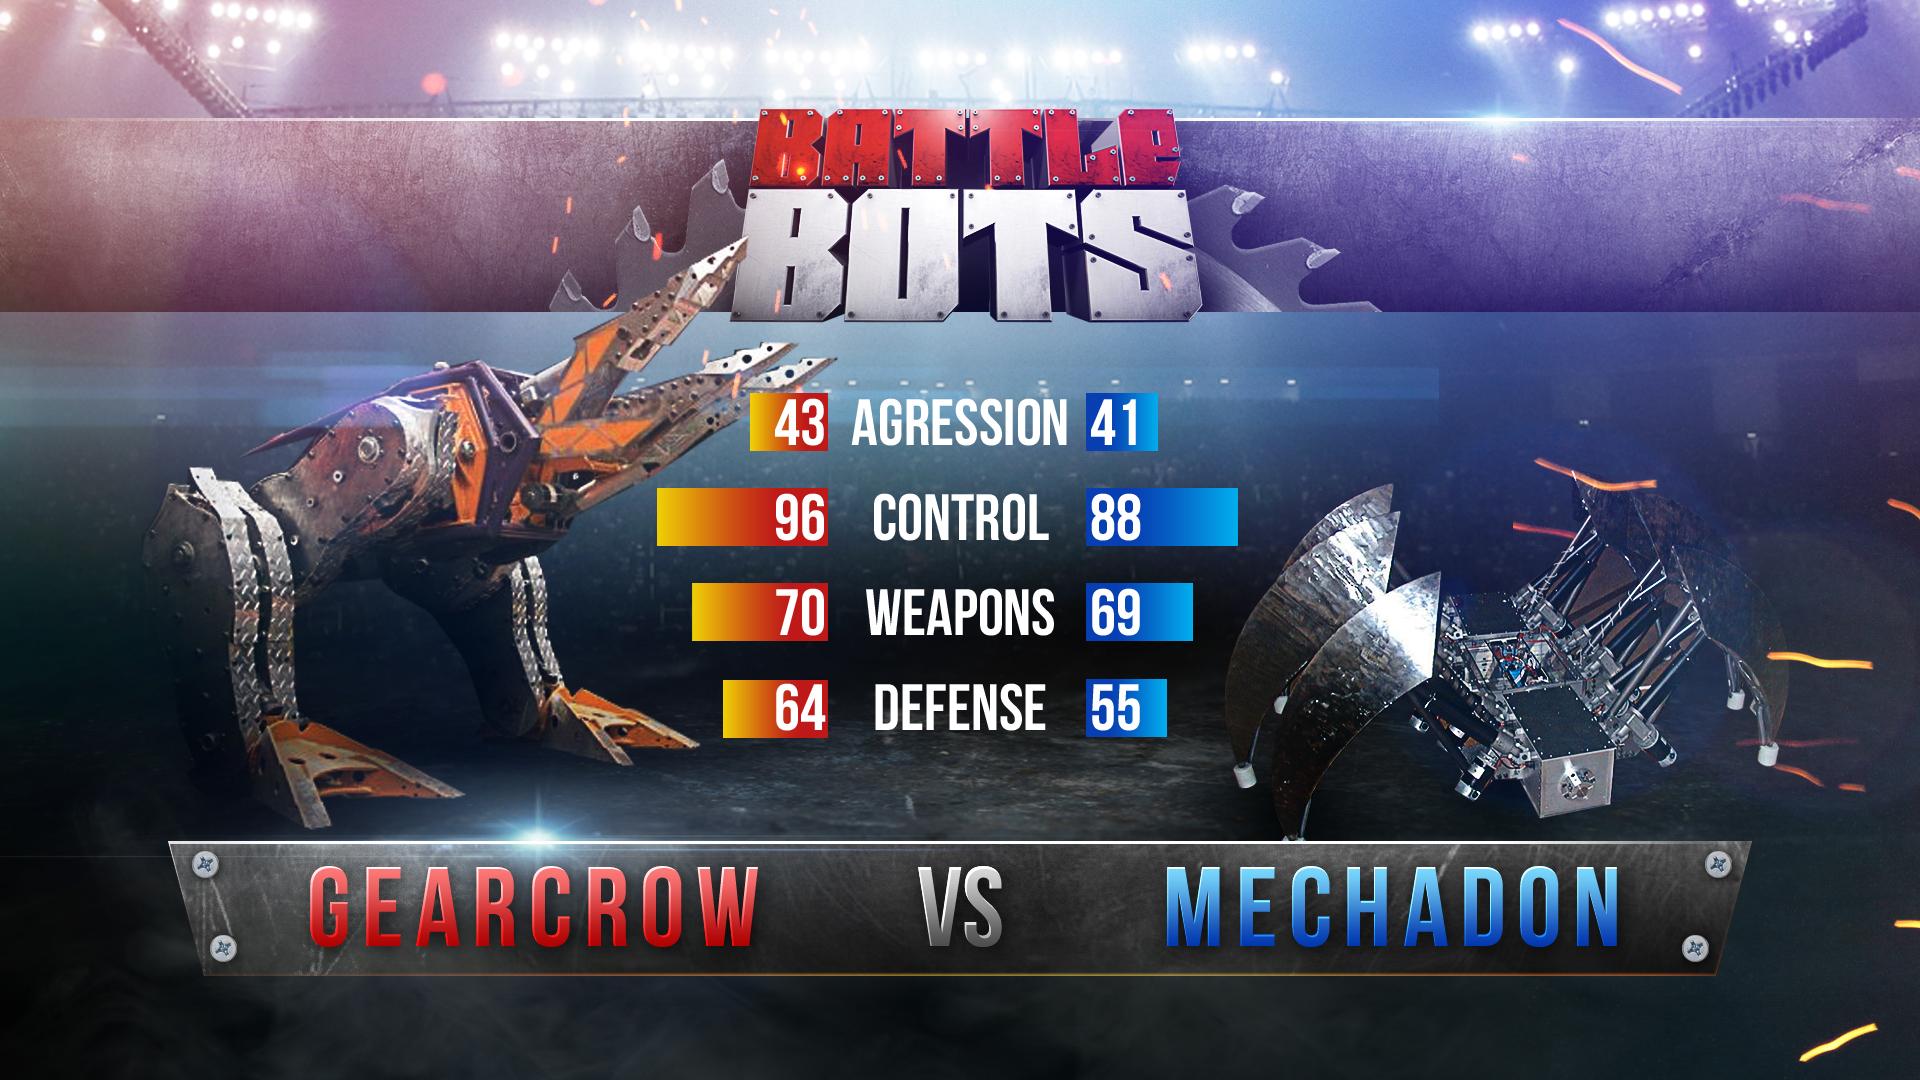 BattleBots_am_metal_matchup.jpg